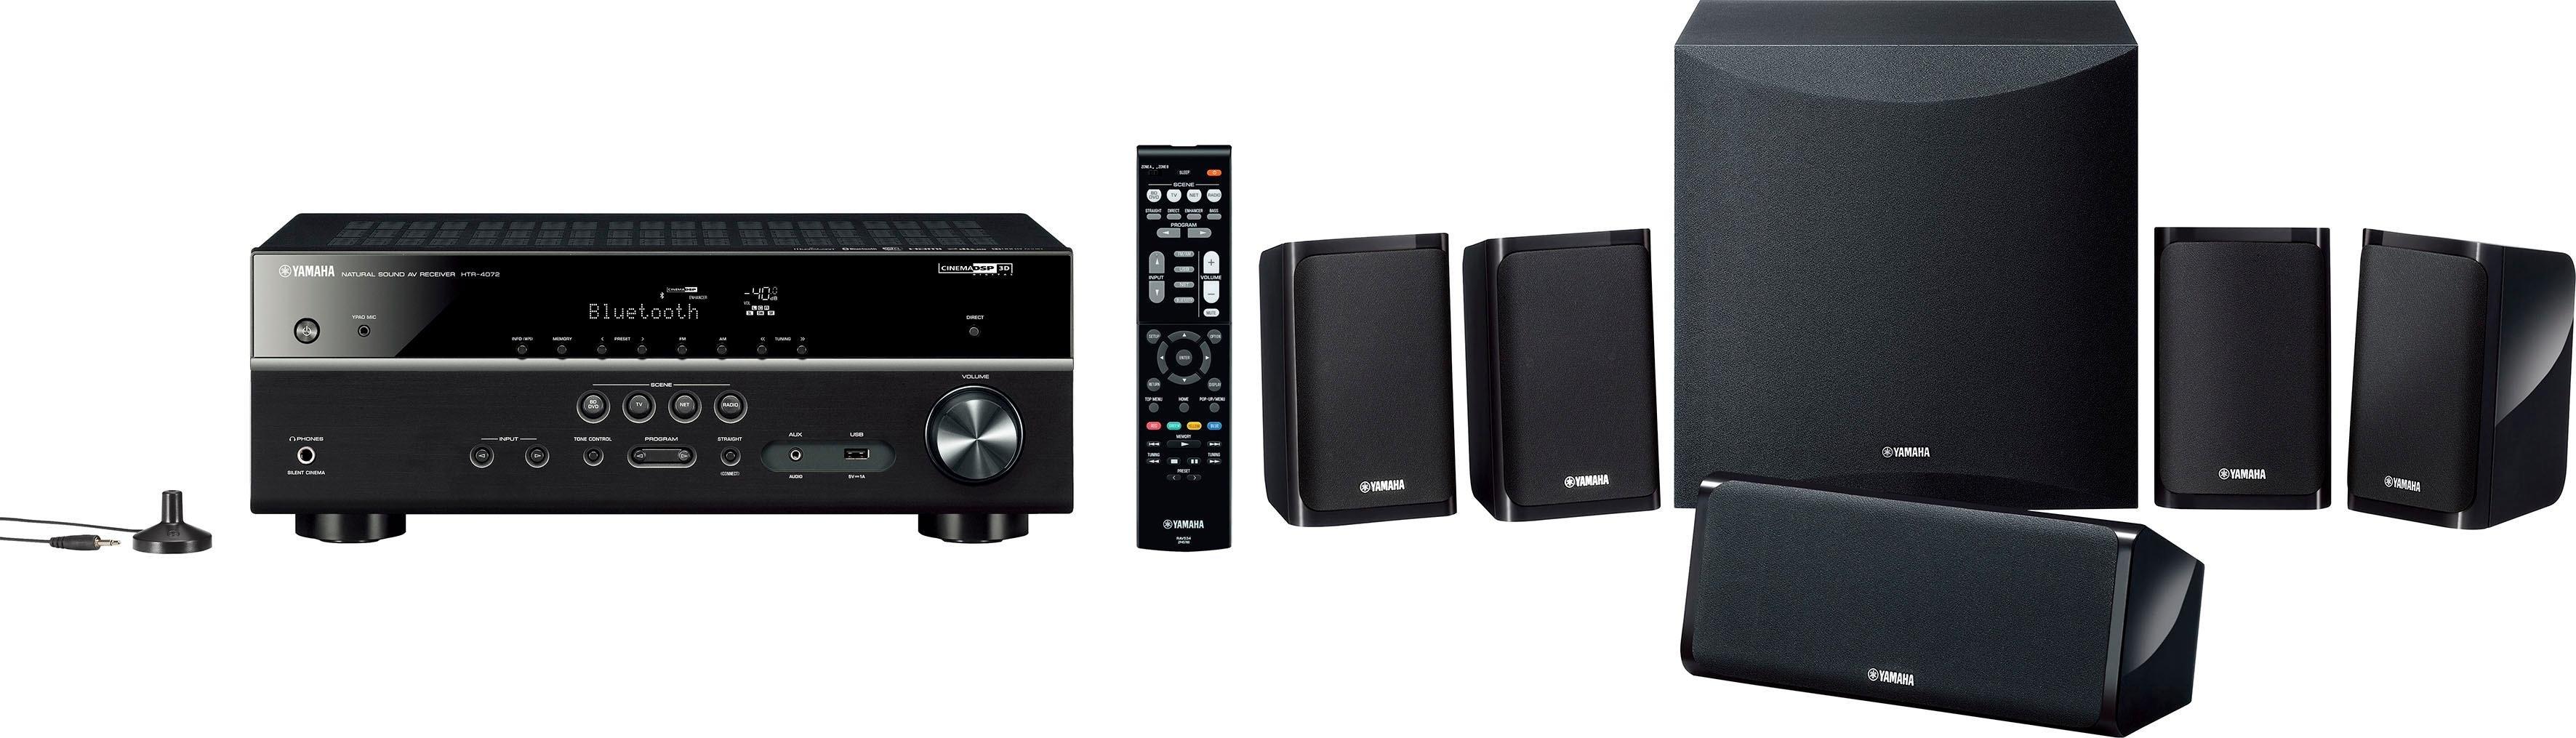 Yamaha »YHT-2950 EU« 5.1-thuisbioscoop (200 W, bluetooth, 4K-upscalingtechniek, 3D-ready) nu online kopen bij OTTO